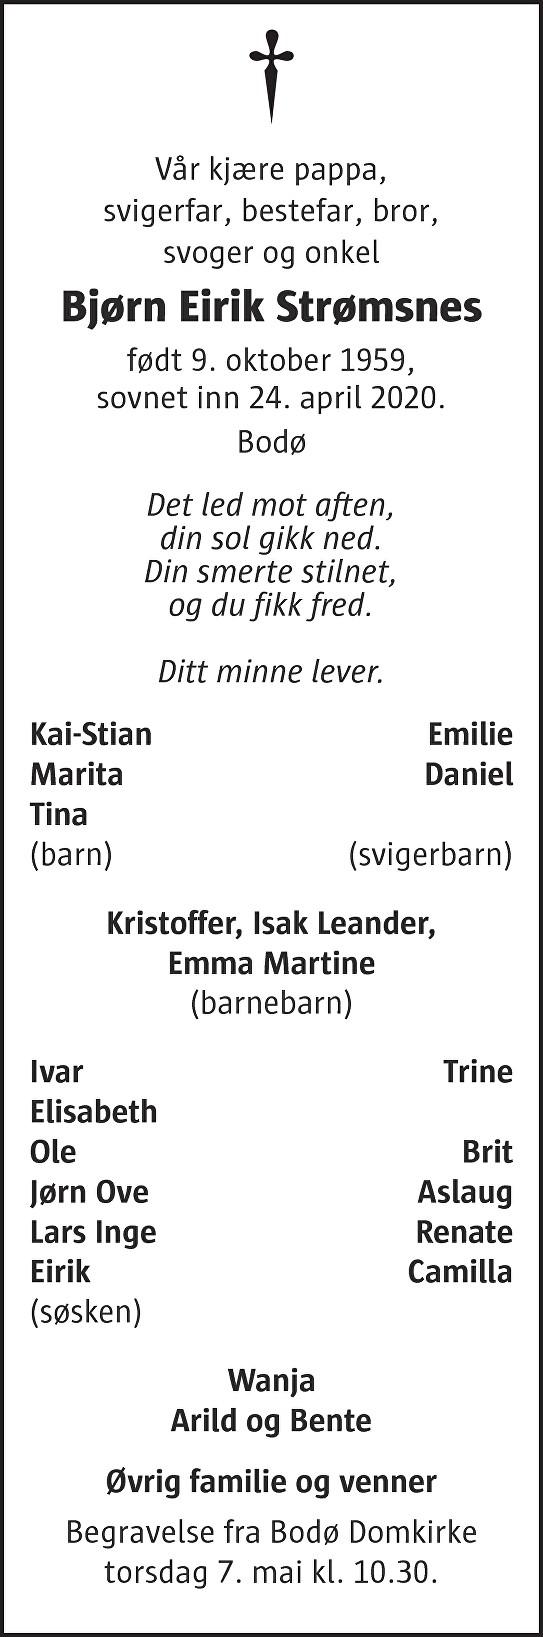 Bjørn Eirik Strømsnes Dødsannonse